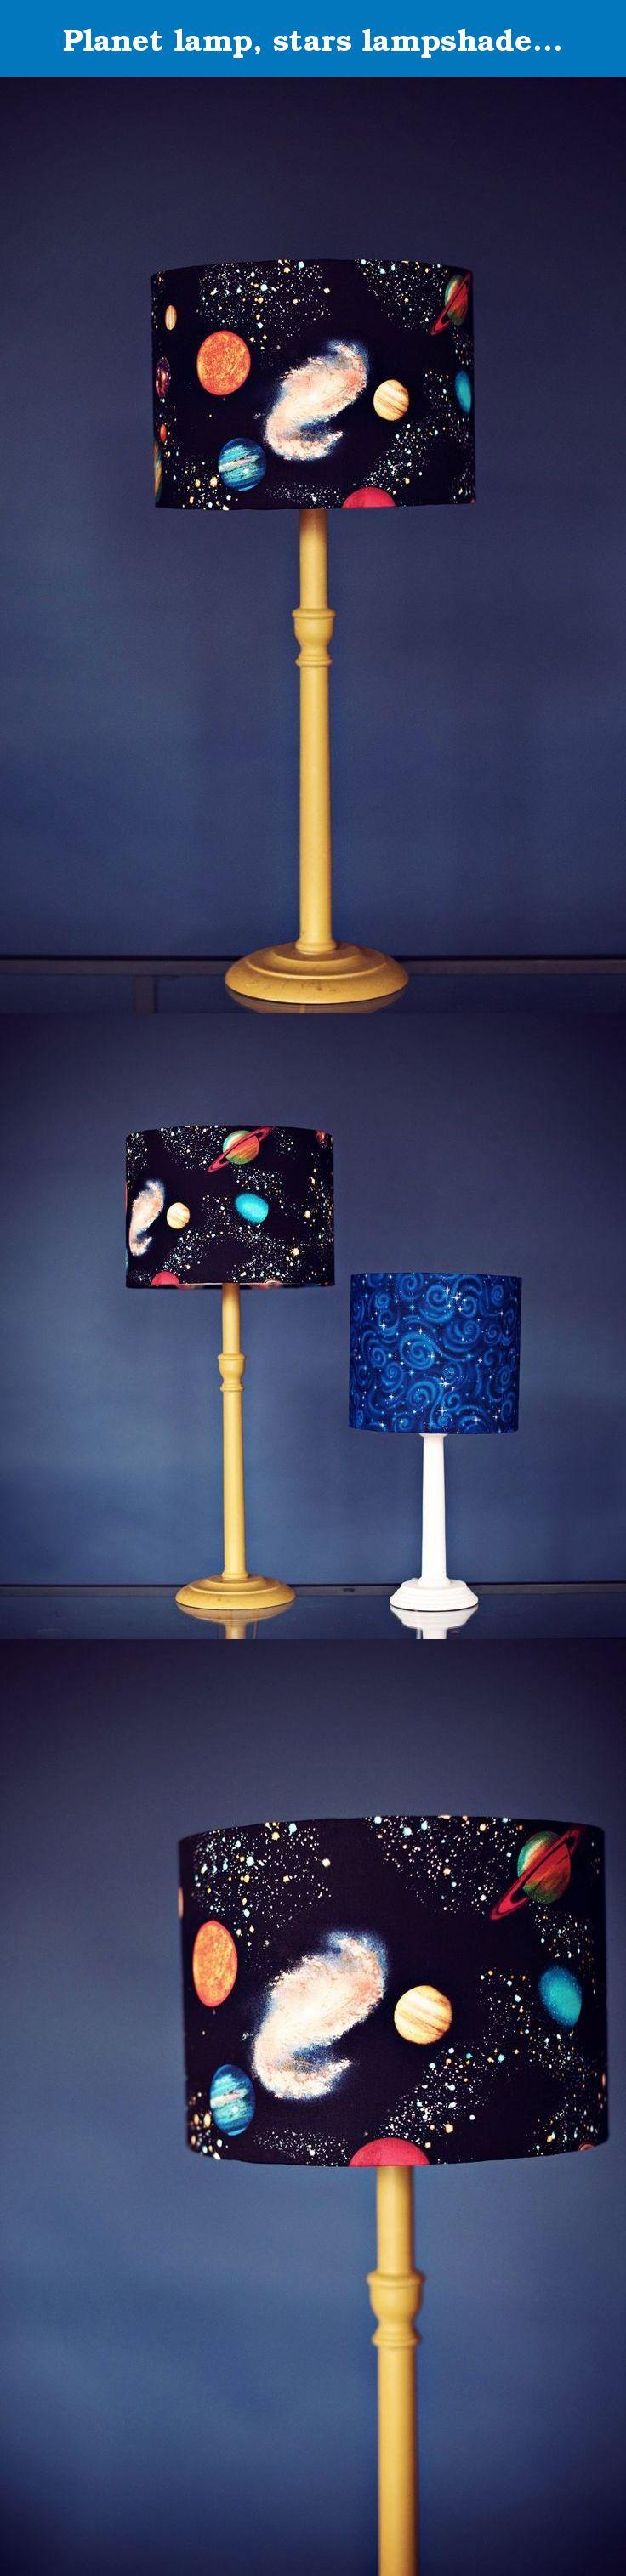 lamp, stars lampshade, space lamp, black lamp, kids